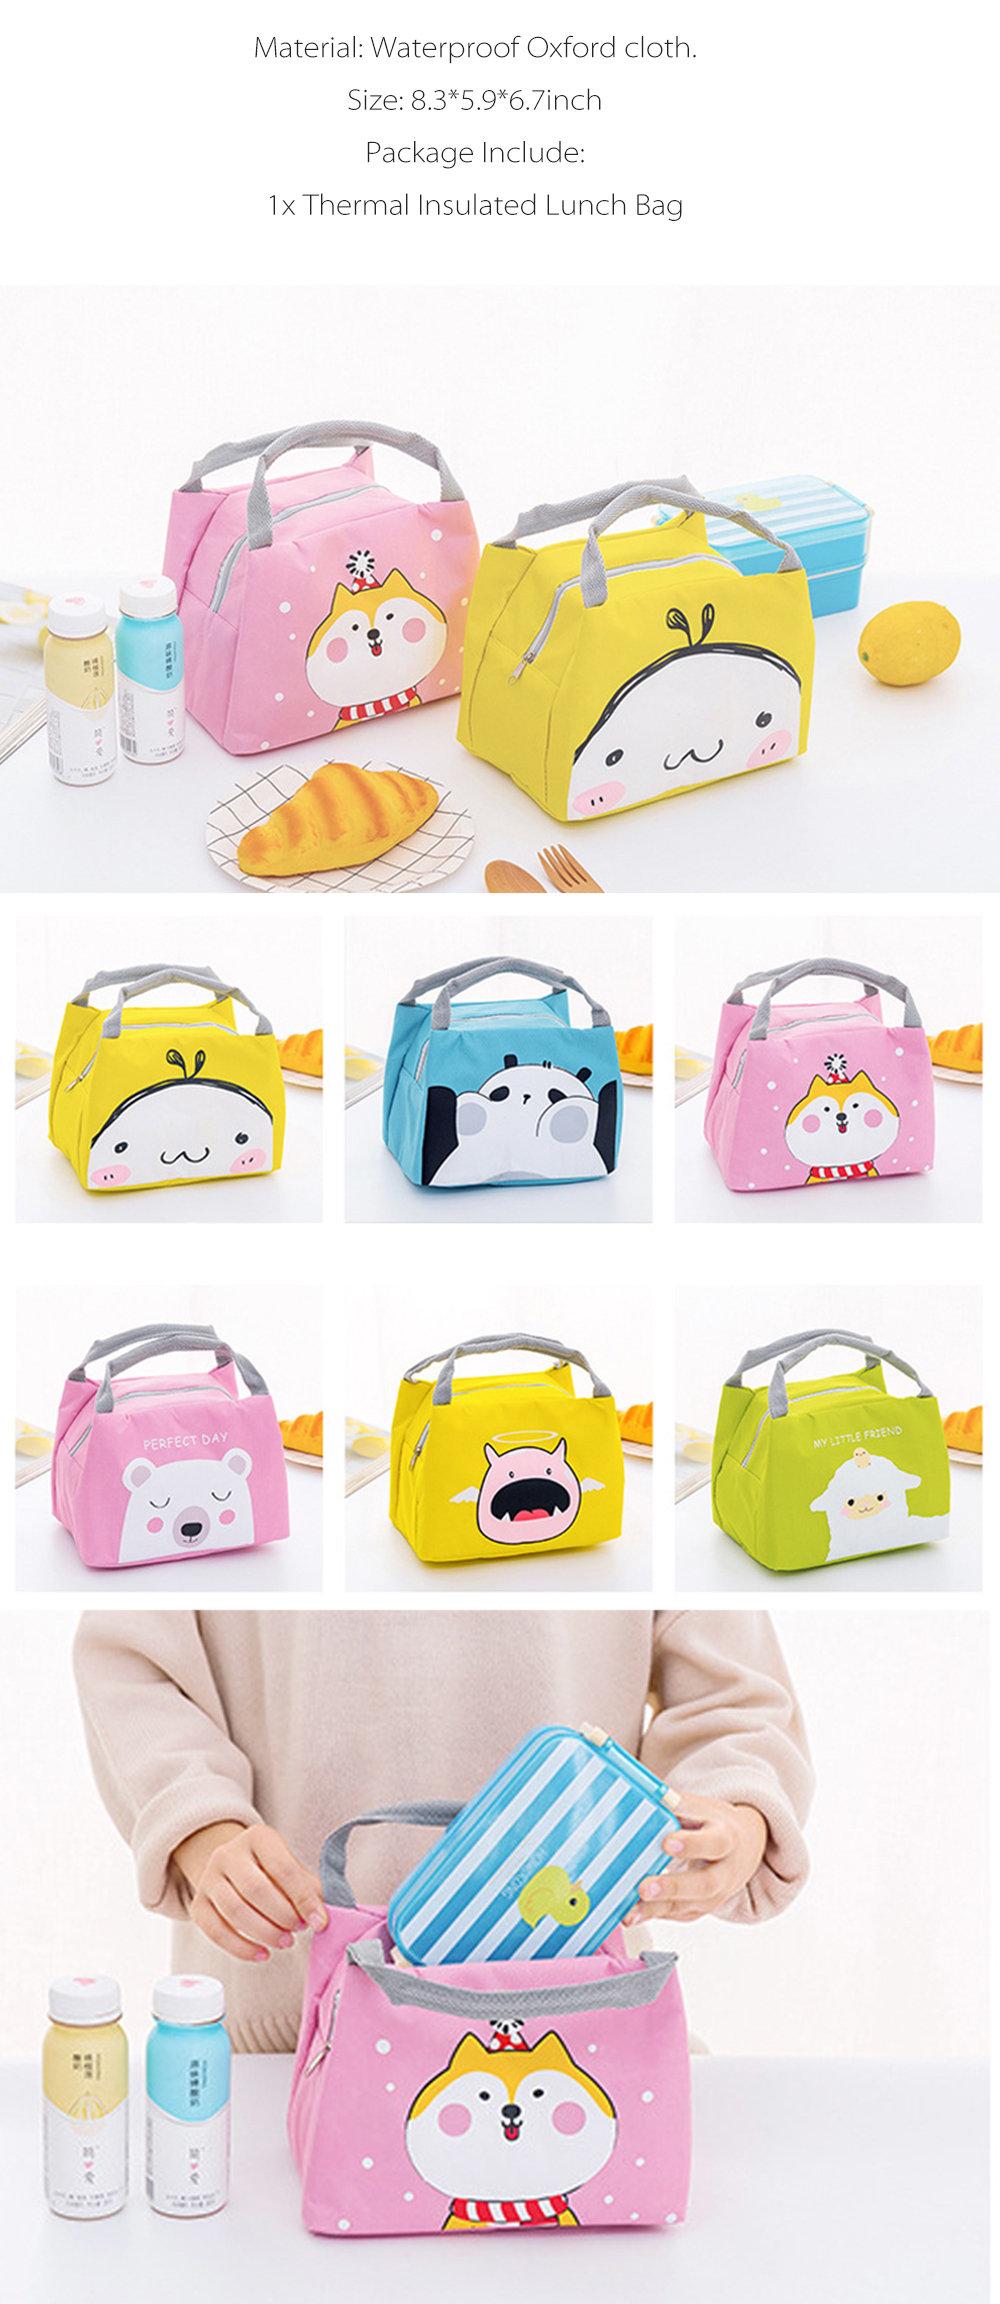 Cute Cartoon Lunch Bag from Apollo Box